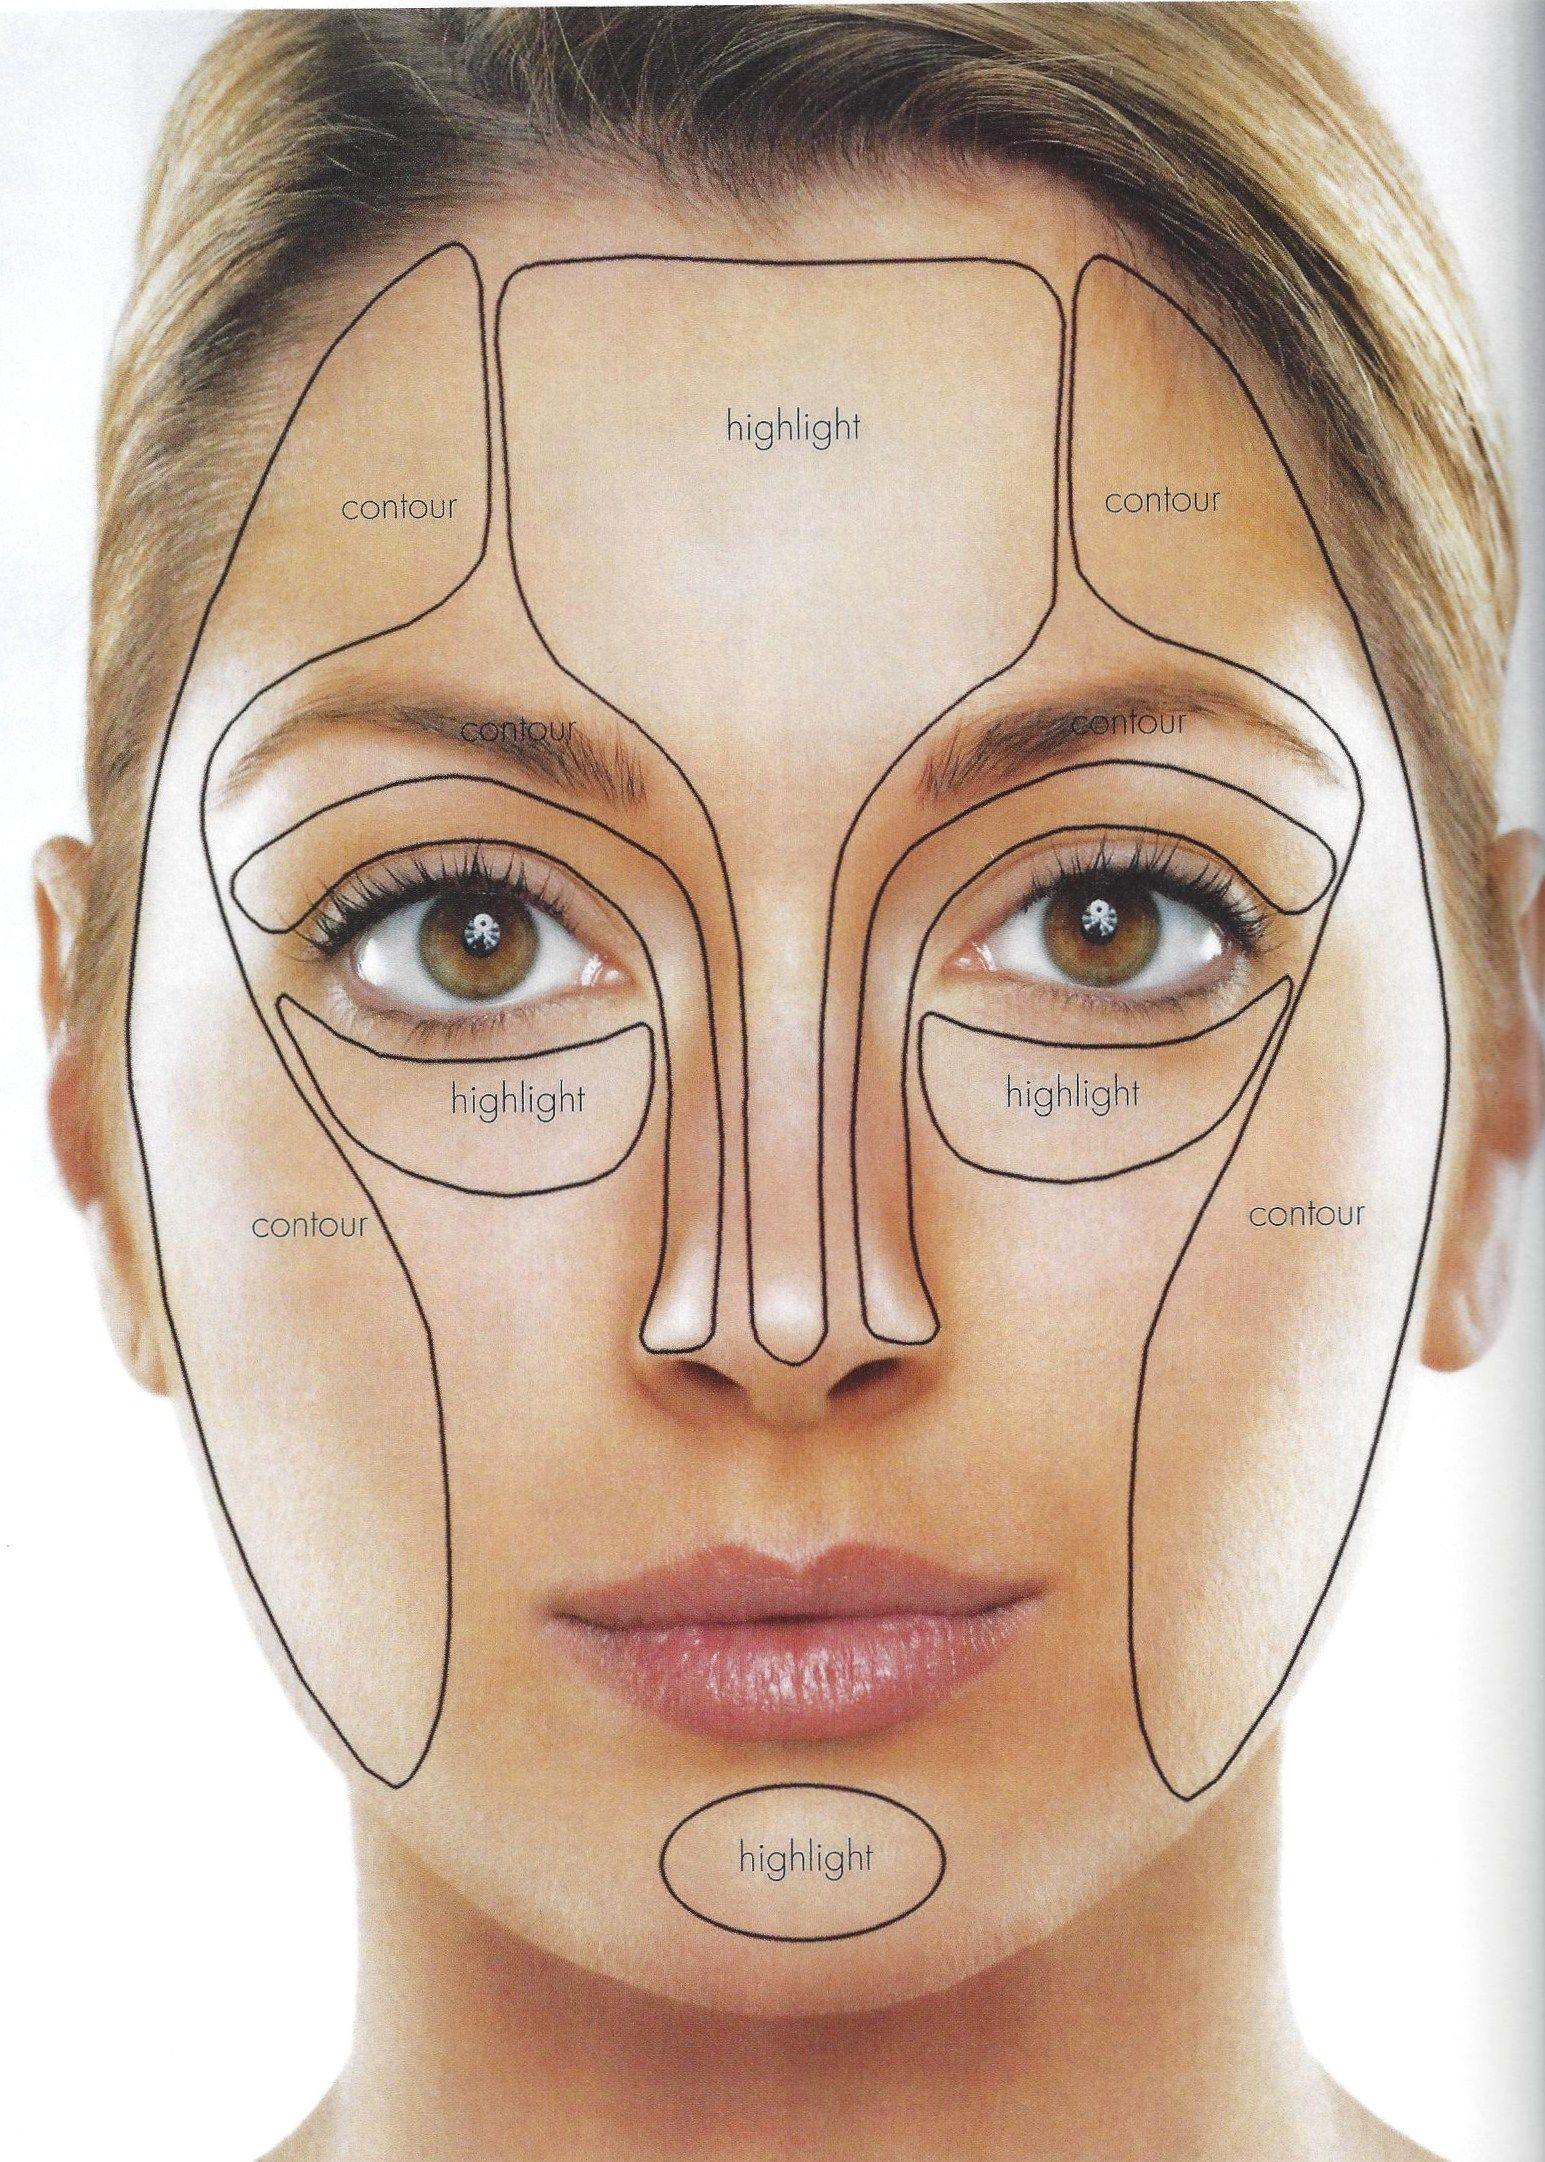 oblong face Google Search Contour makeup, Contouring